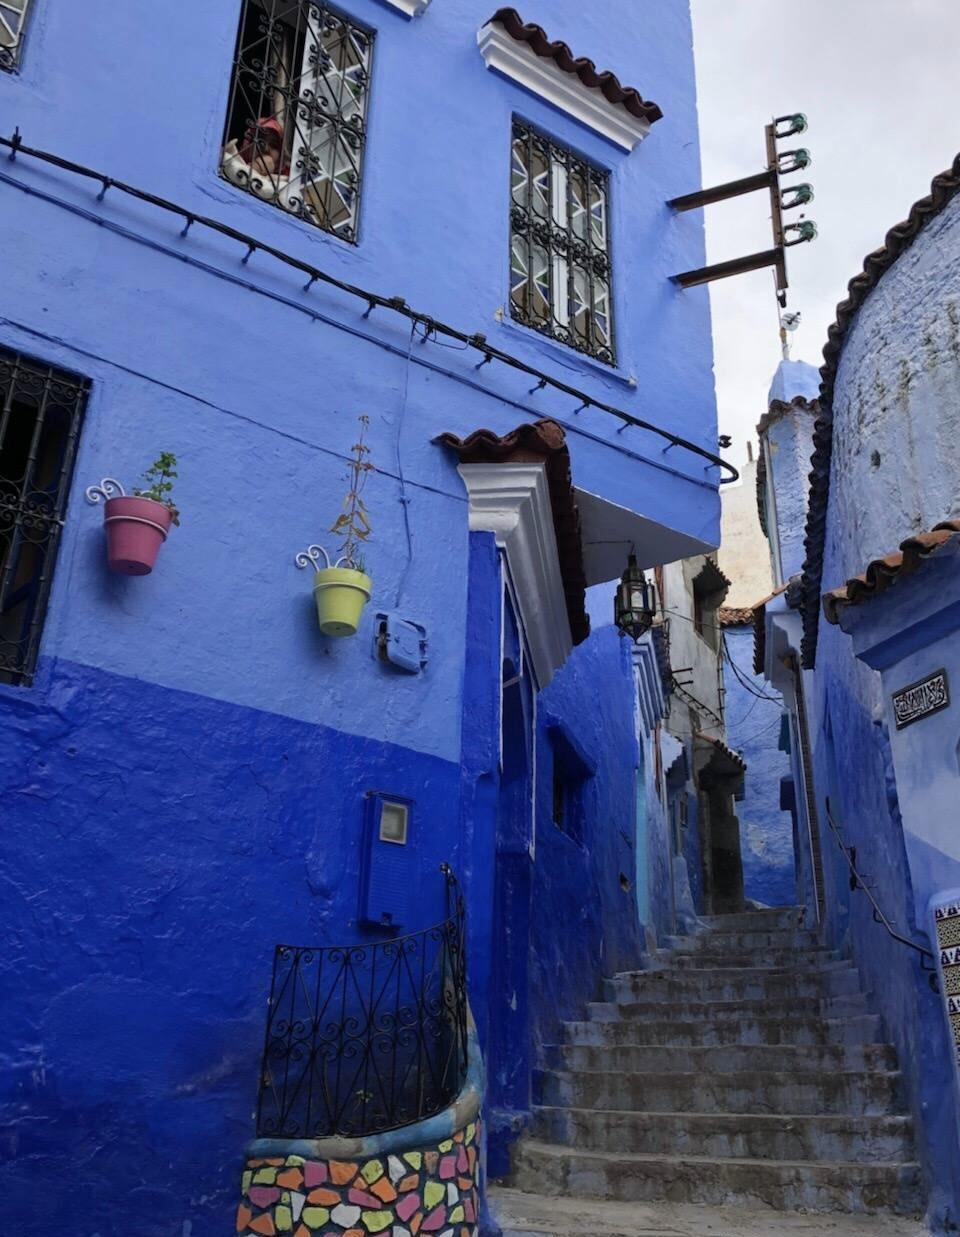 【9月】摩洛哥(四大皇城+舍夫沙万+撒哈拉沙漠+直布罗陀海峡)12天撒哈拉迷情之旅(上海往返)